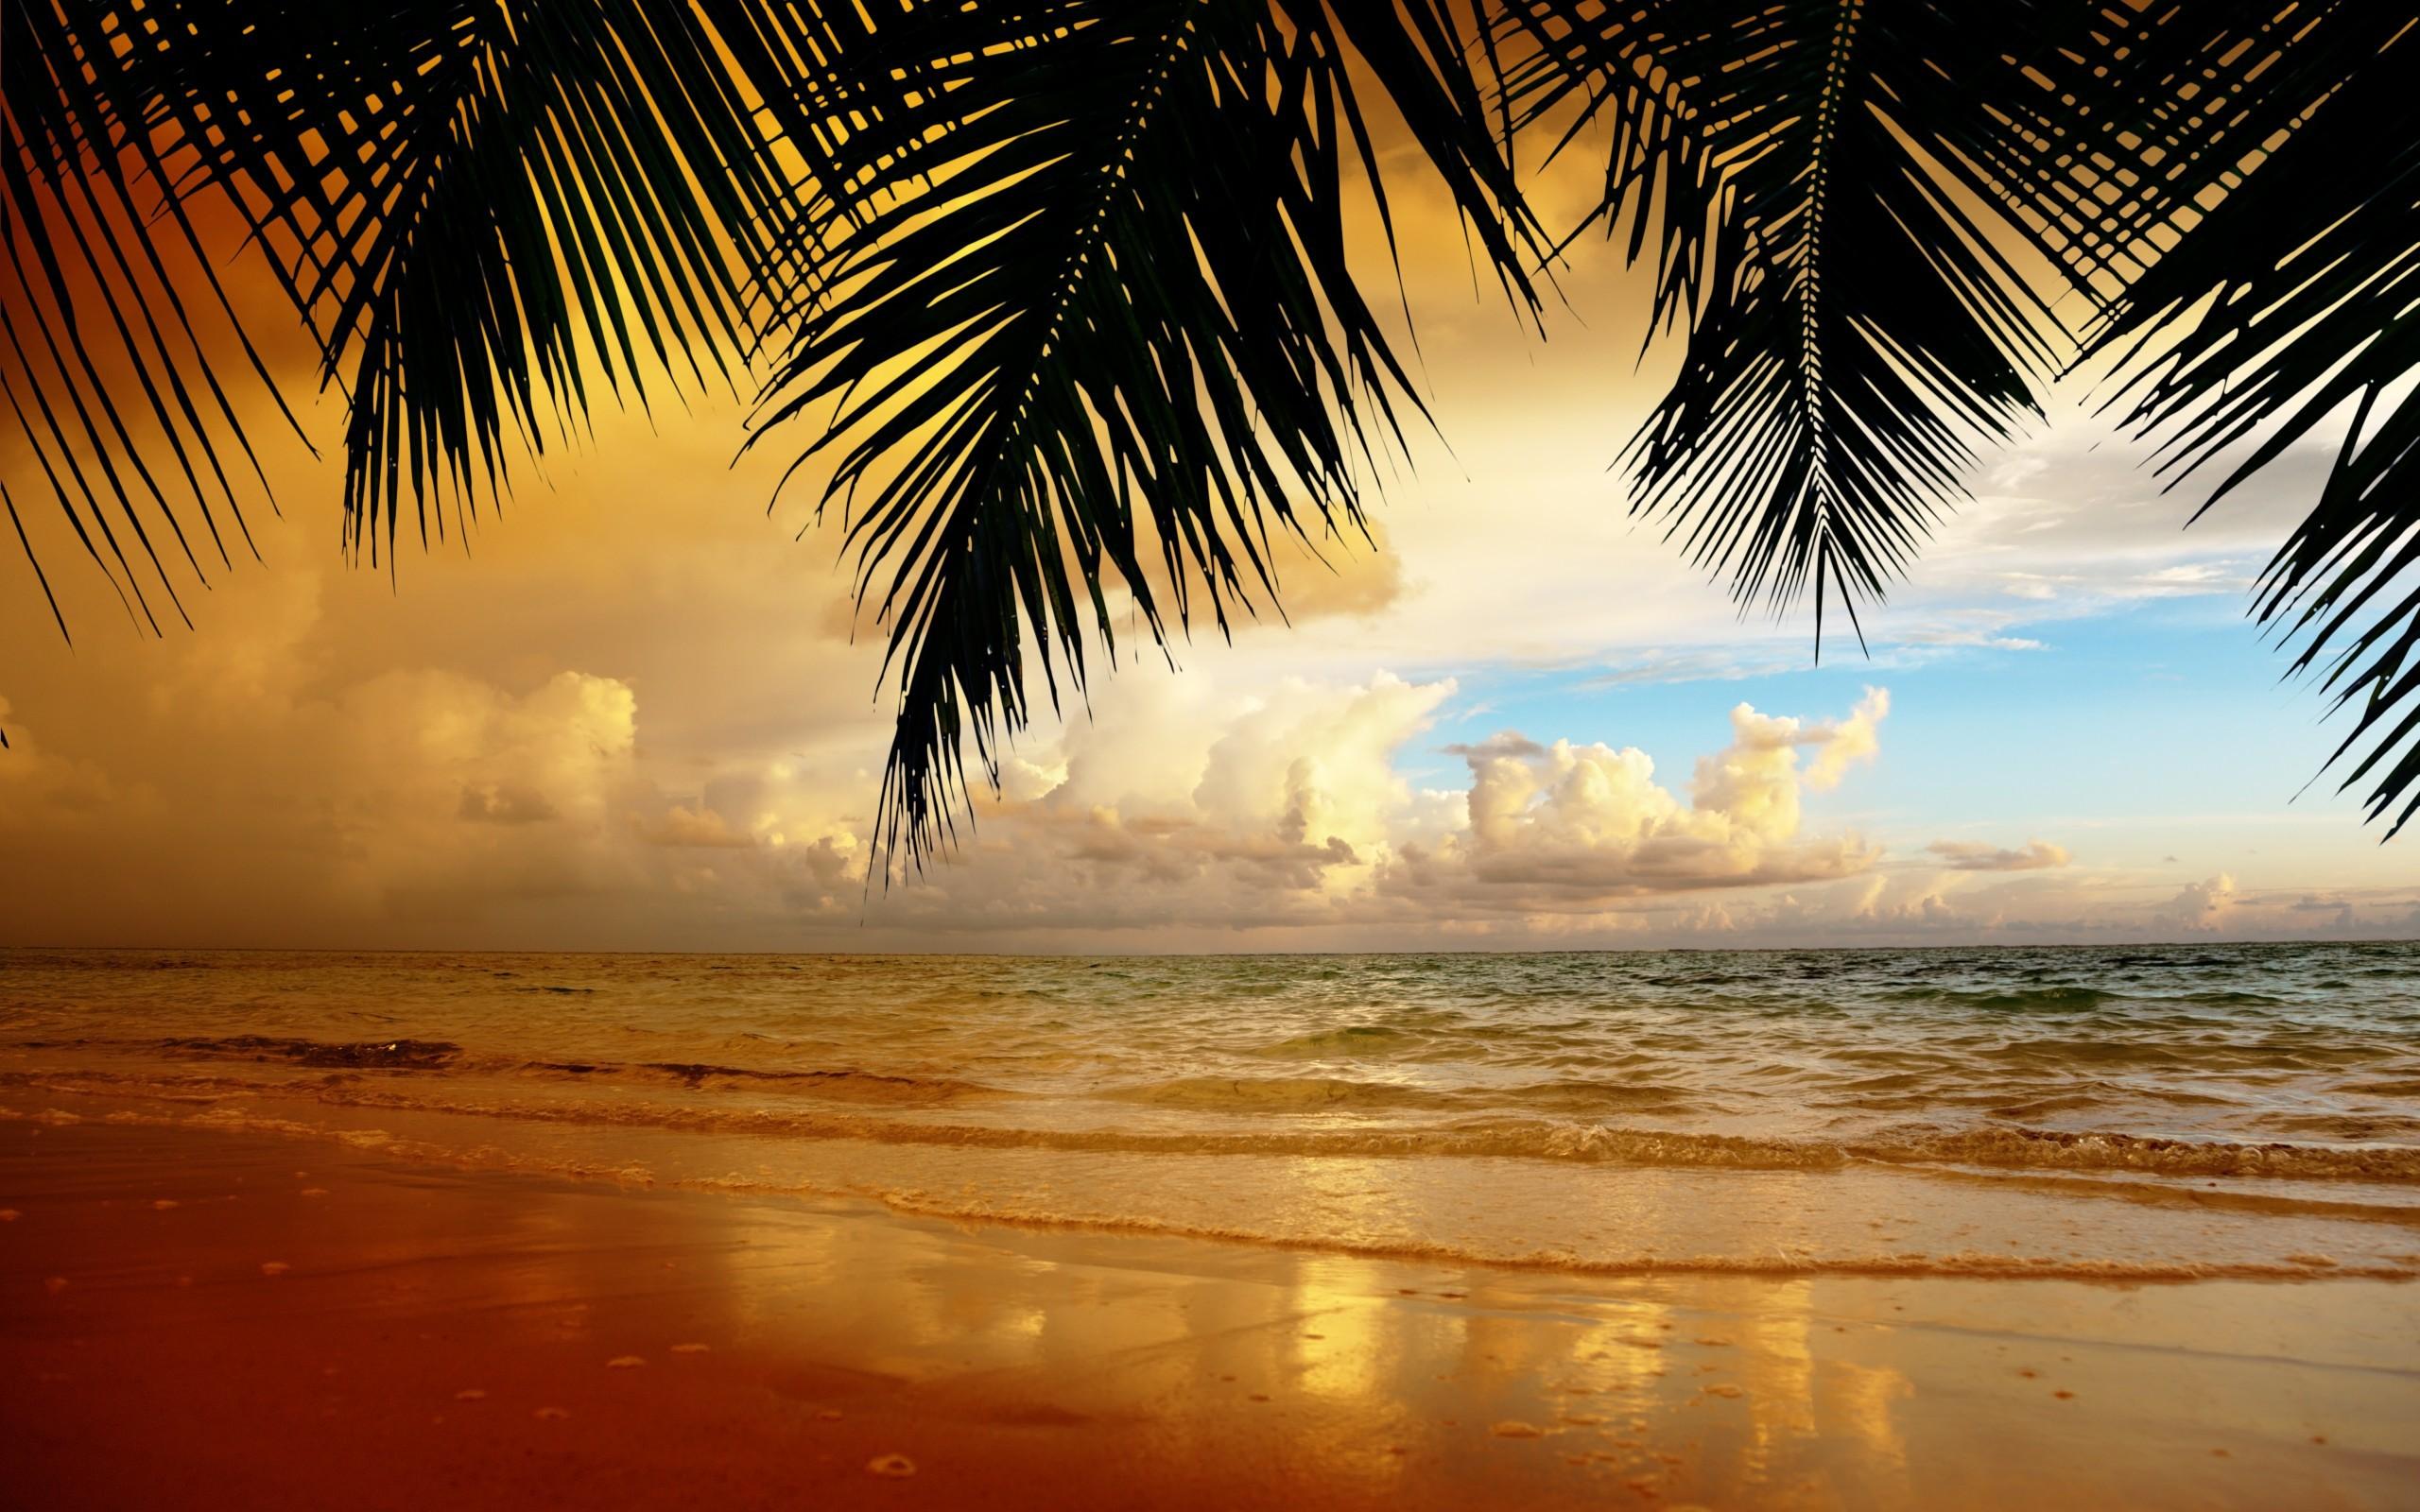 36260壁紙のダウンロード風景, ビーチ, パームス-スクリーンセーバーと写真を無料で